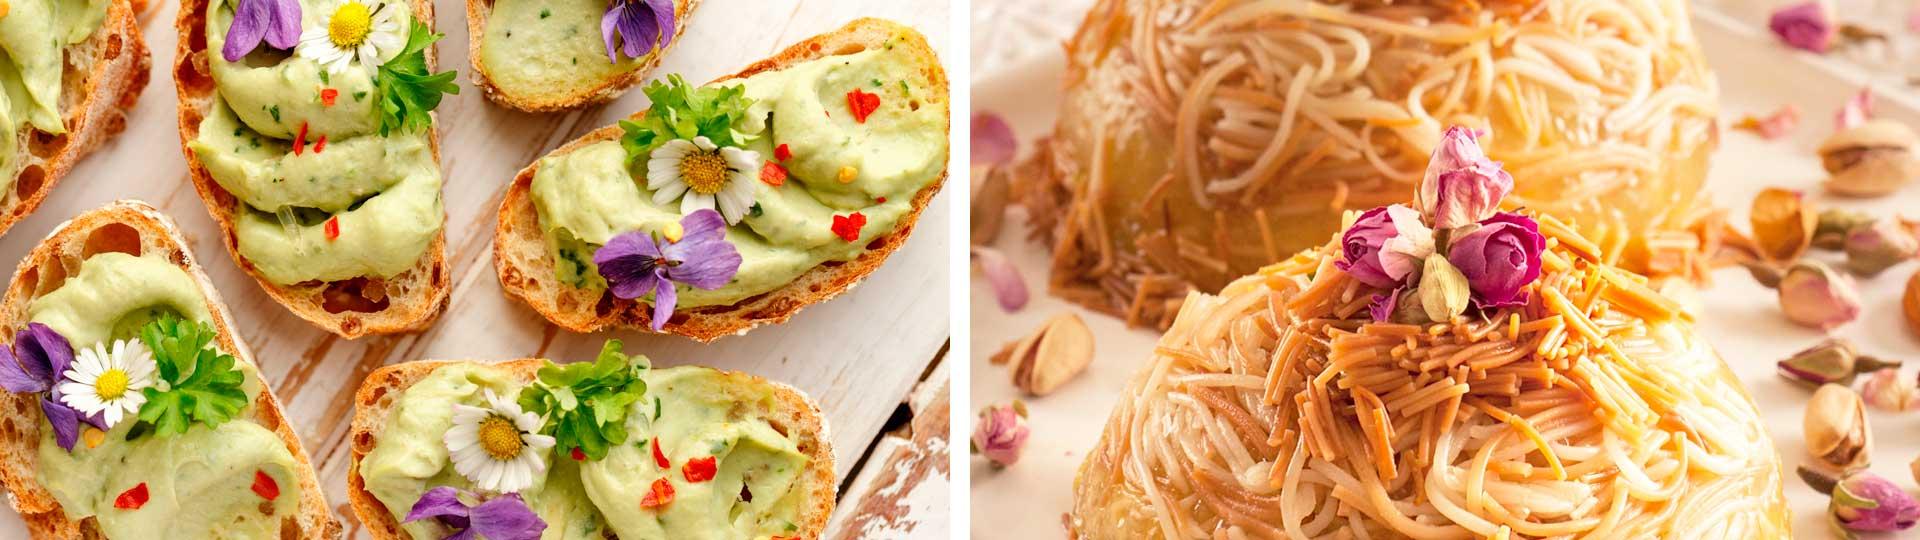 колаж от 2 снимки: Сандвич с авокадо и цветя и десерт с декорация от розов цвят